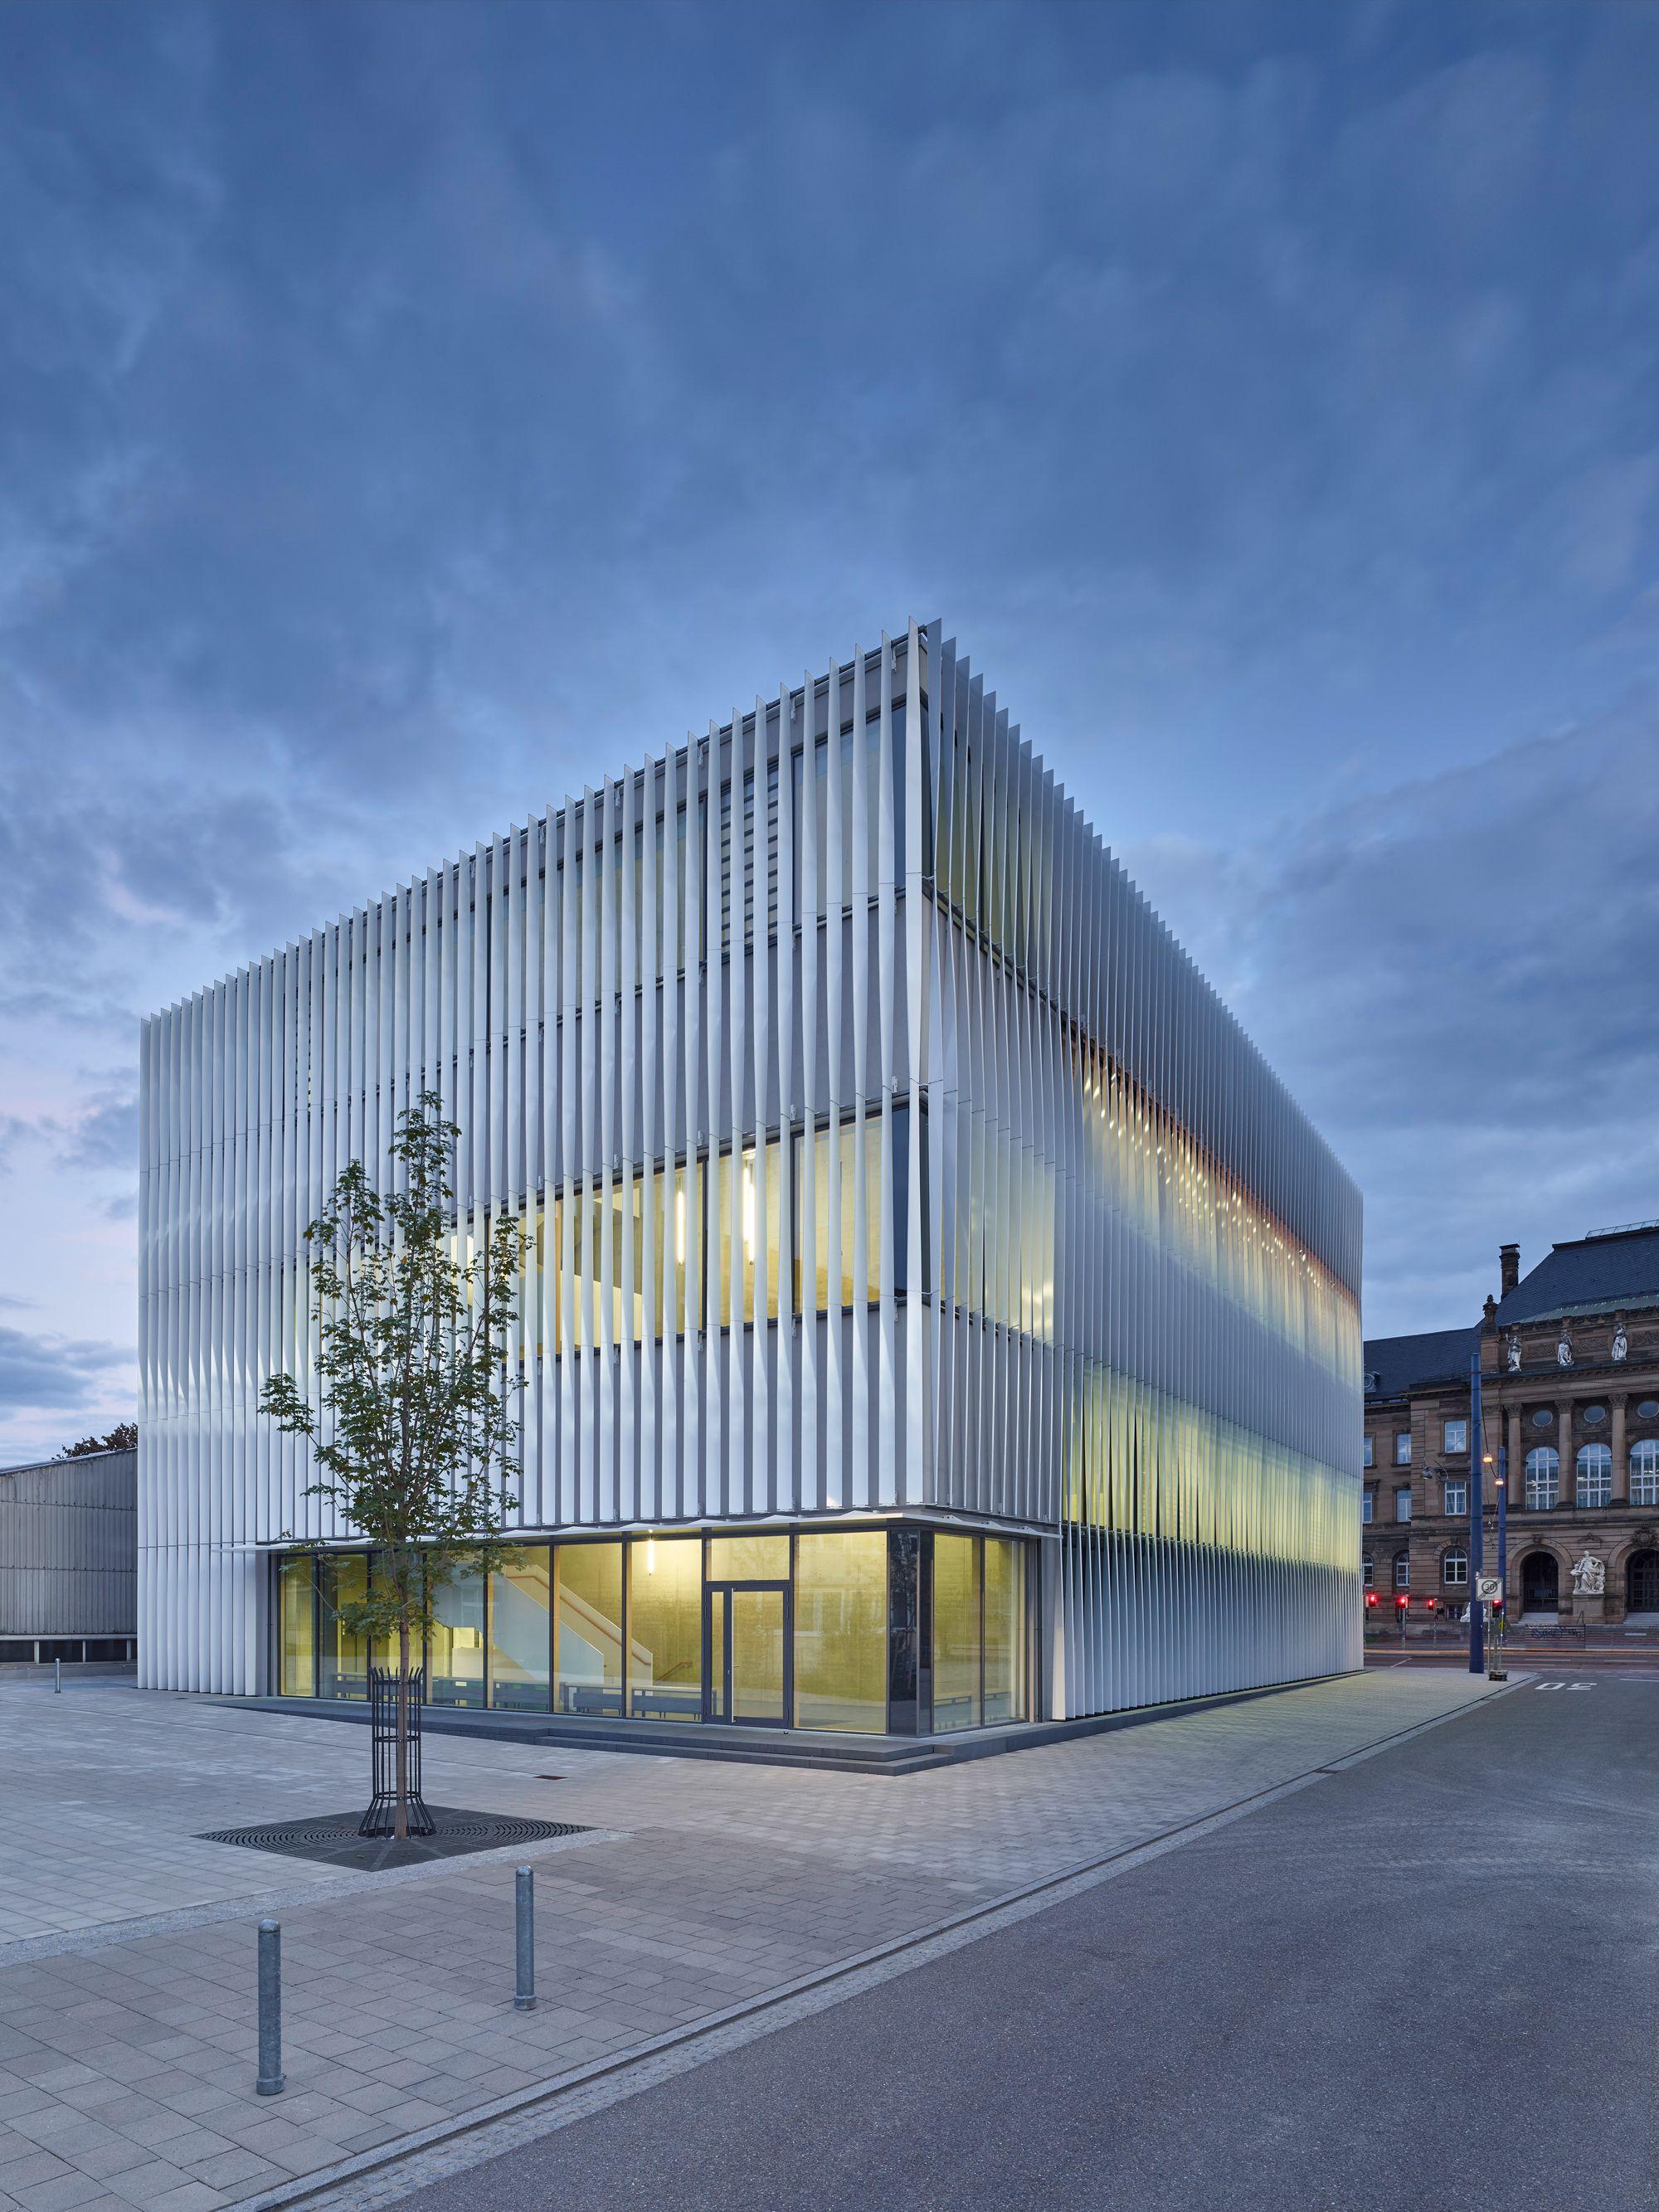 Wandelbare fassade sporthalle von h4a architekten rs for Architektur design studium